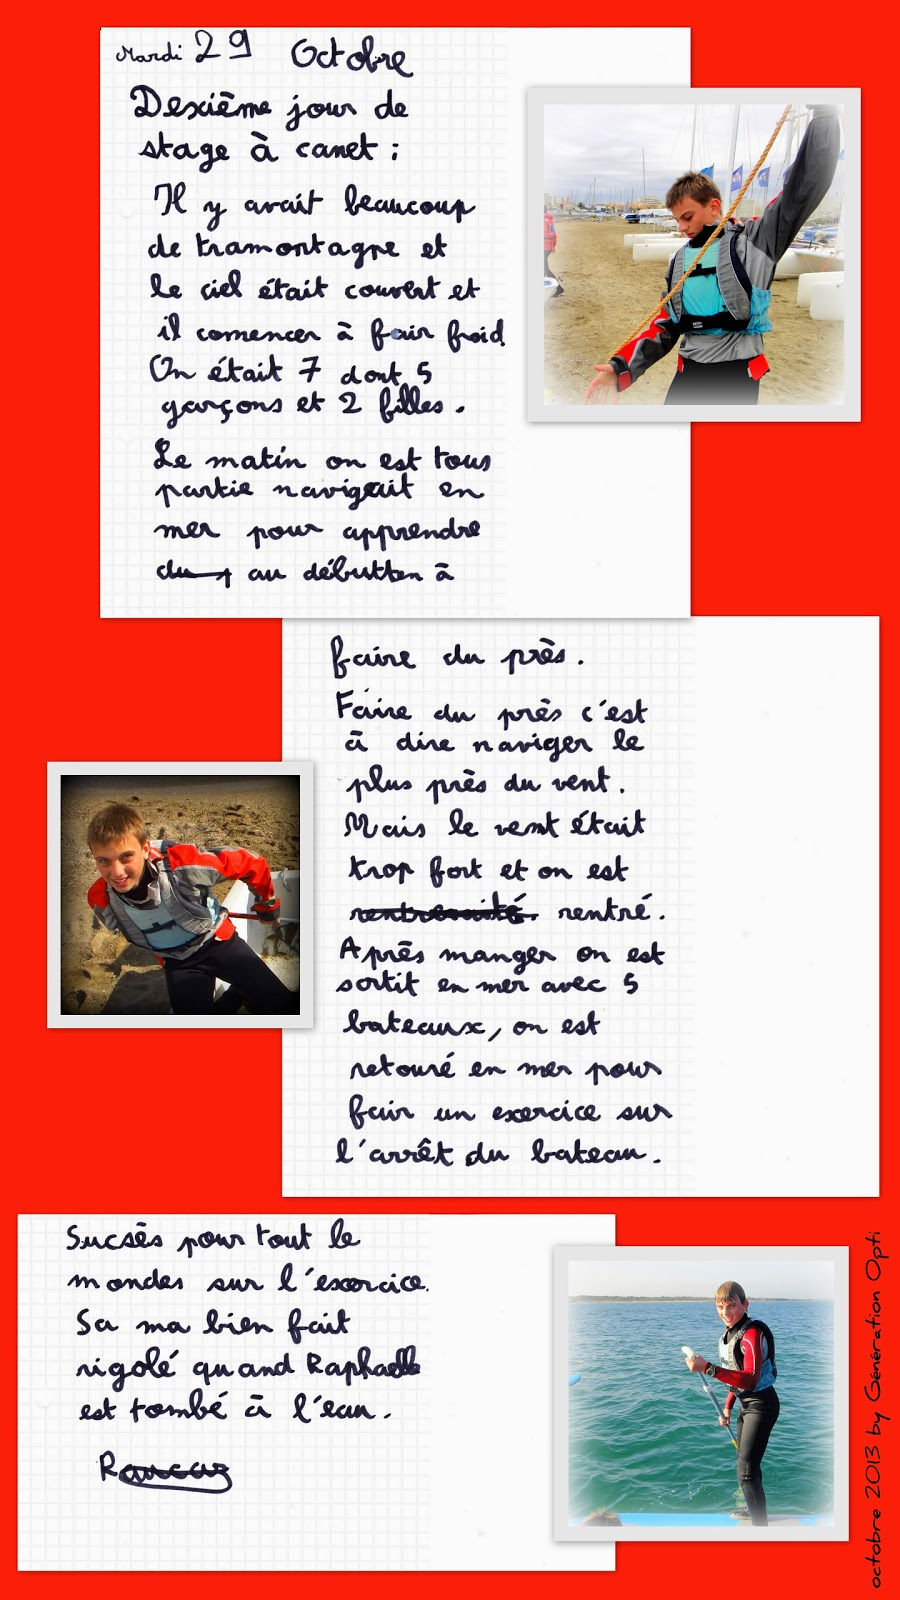 Voile Optimist stage sportif Canet-en-Roussillon 66 Po pyrénées_orientales toussaint_2013